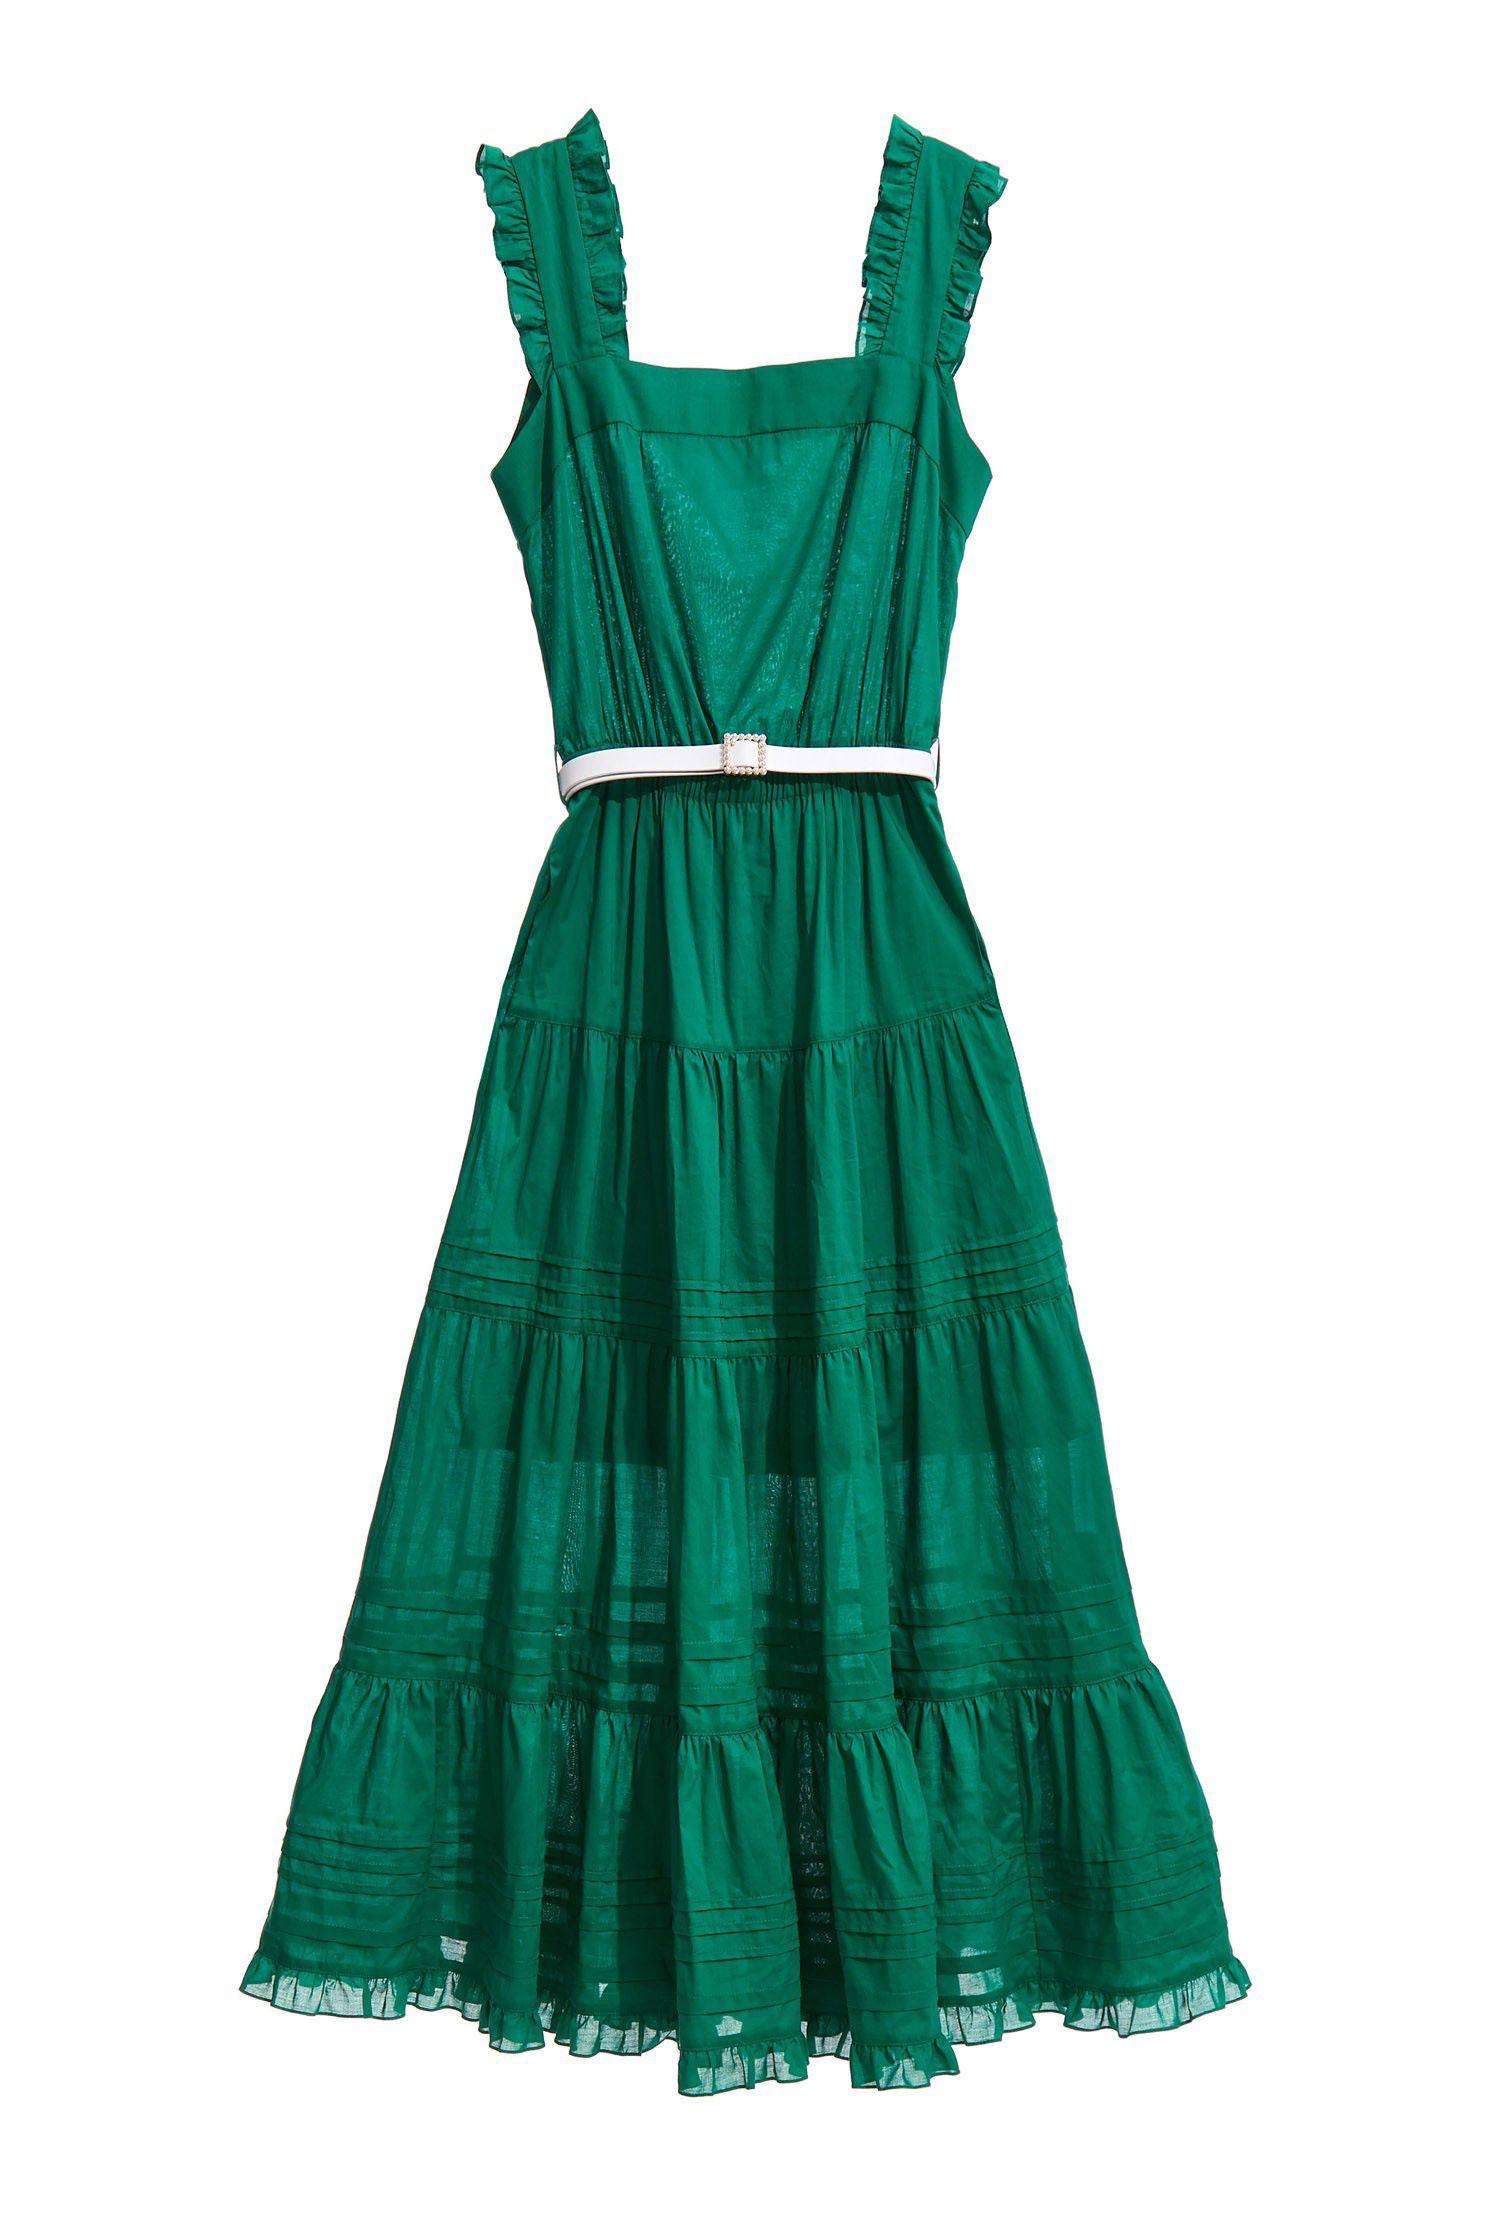 Cotton sense long dress